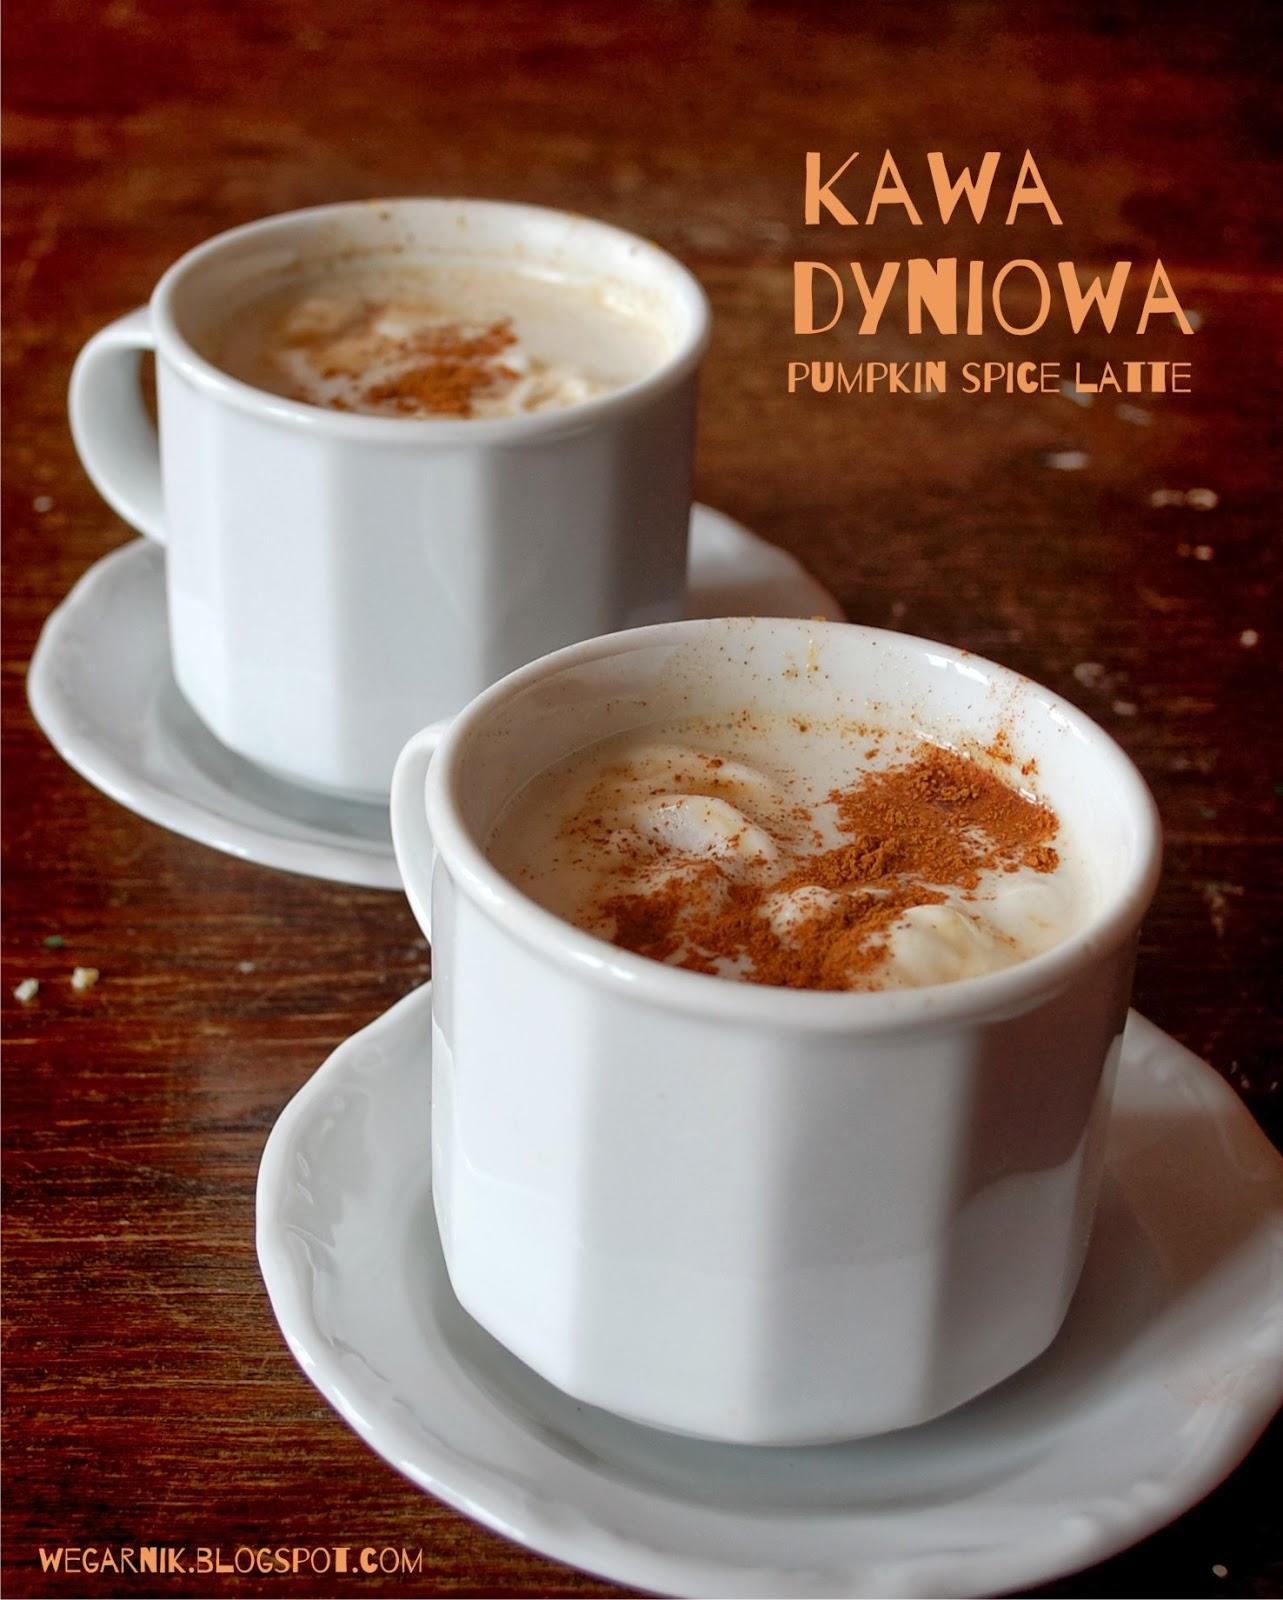 Wegarnik: Kawa Dyniowa- Pumpkin Spice Latte